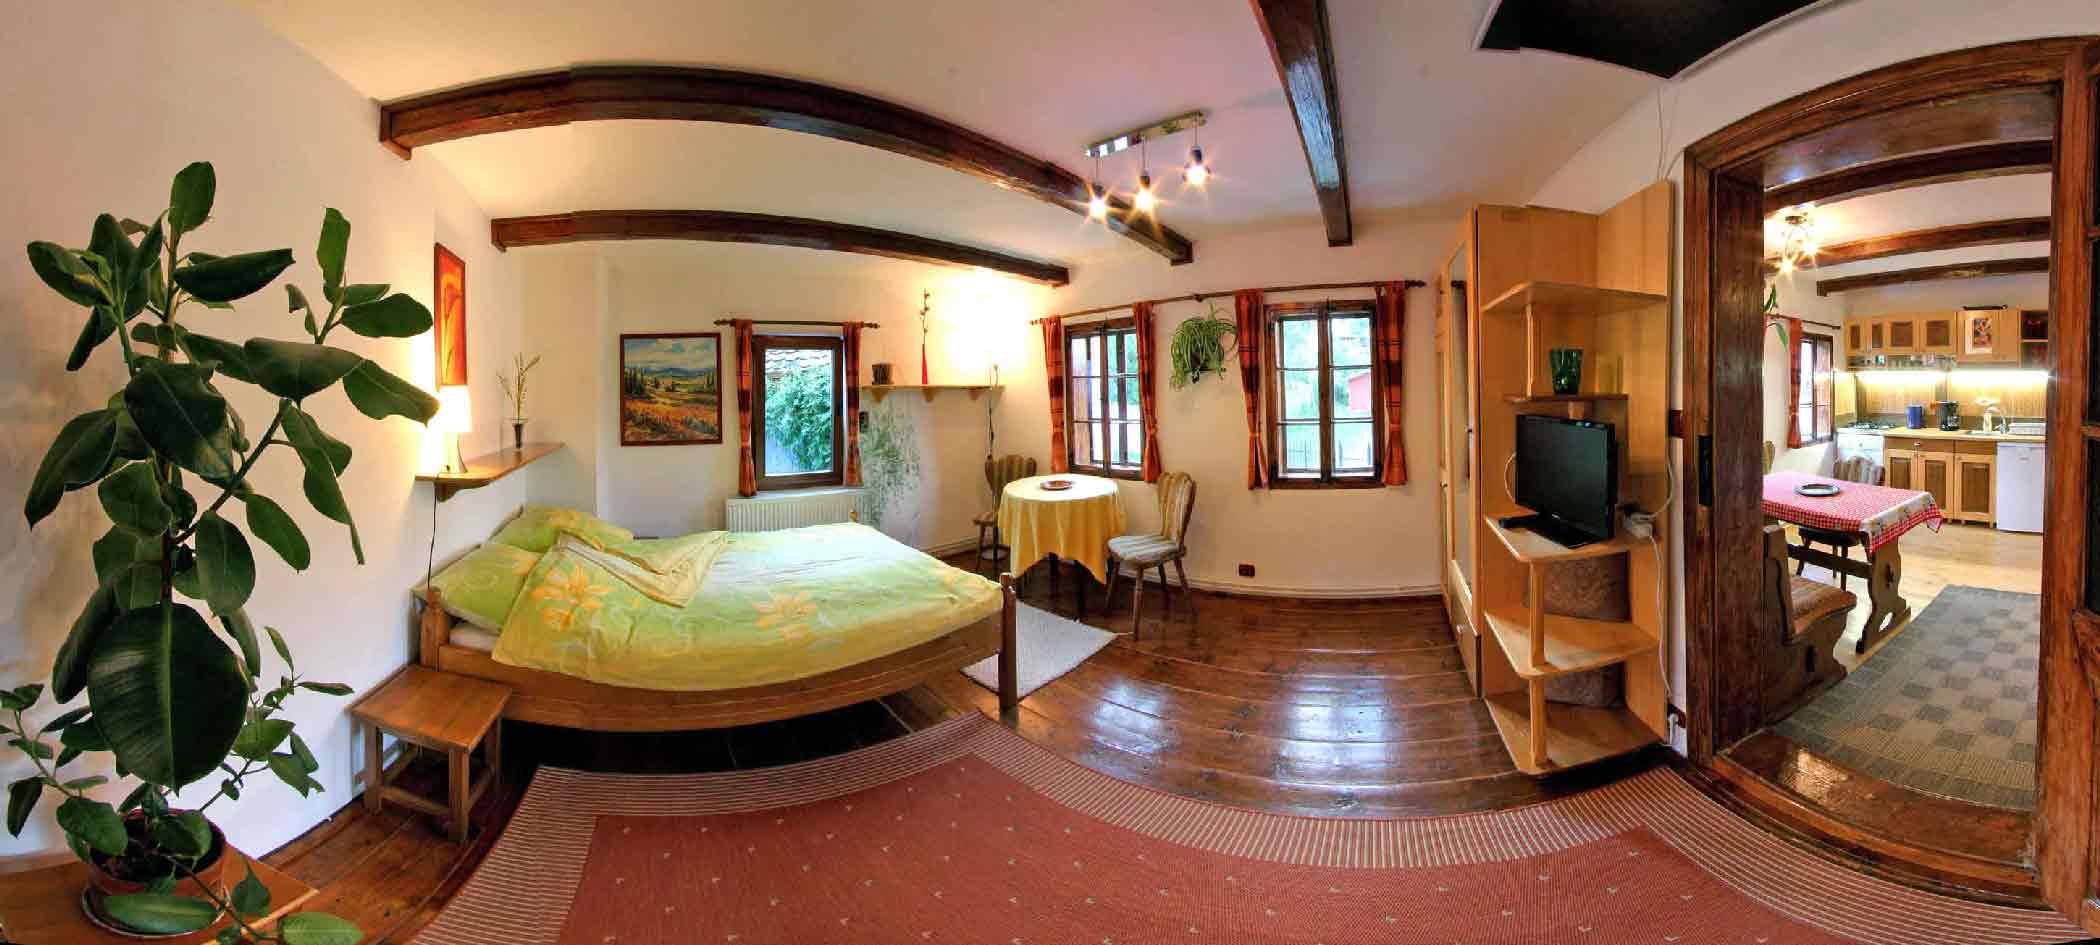 private rumänien ferienwohnung für 2-3 personen in transsilvanien siebenbürgen